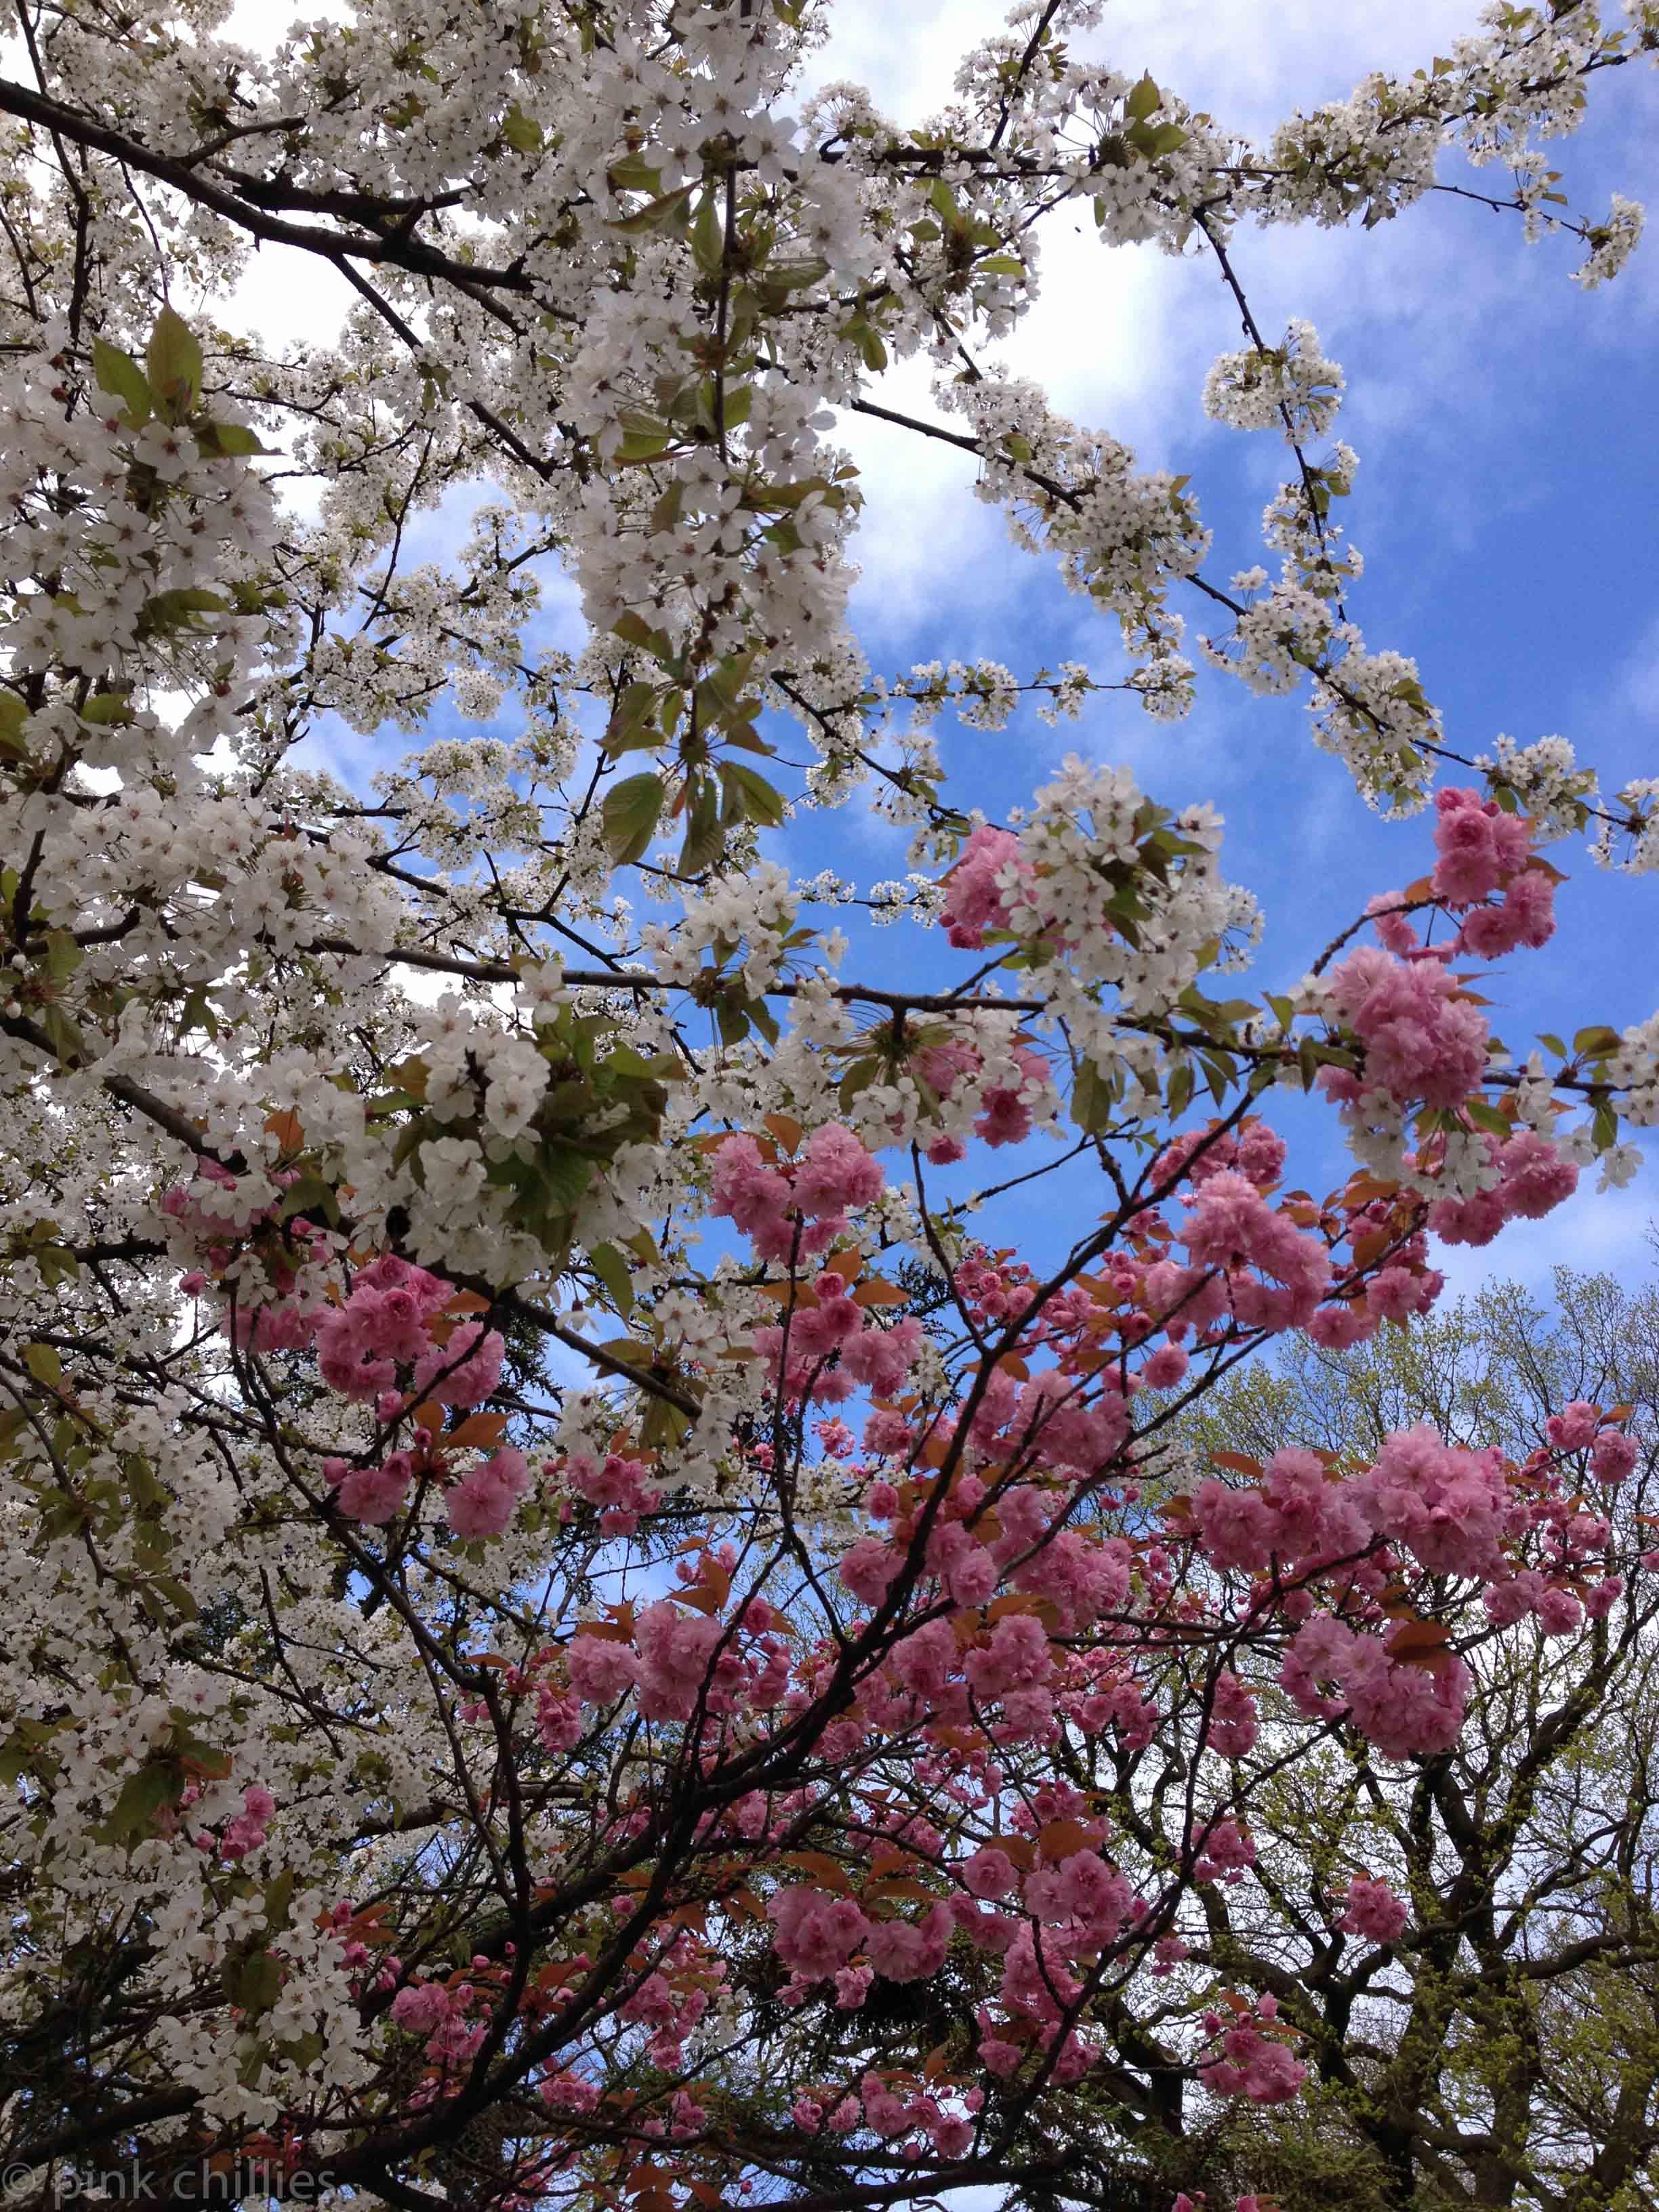 rosa und weiße Blüten an einem Baum